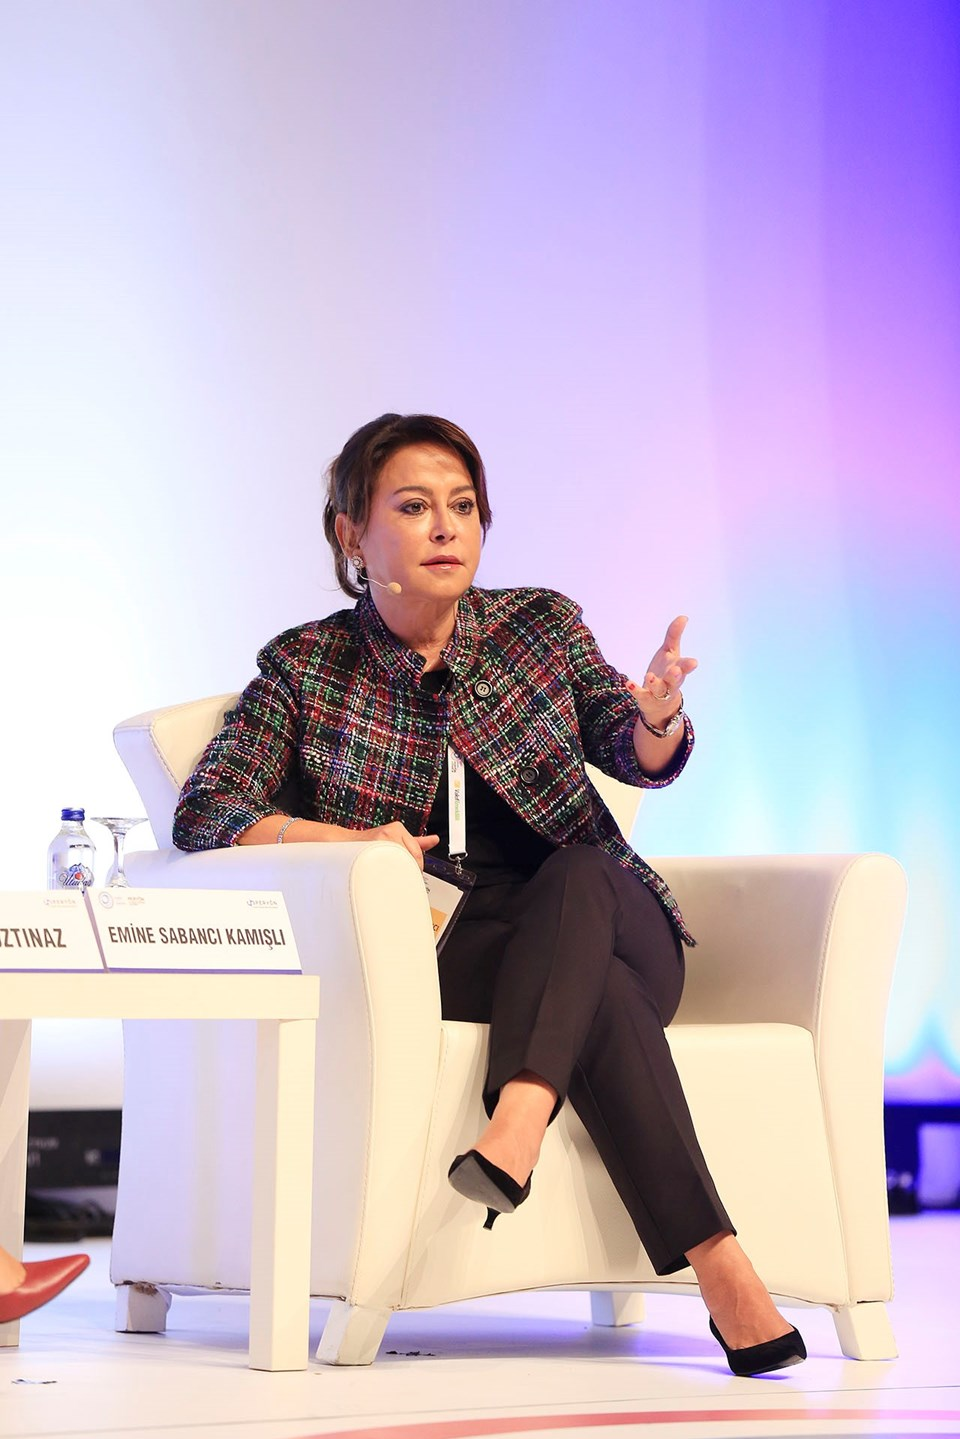 Esas Holding Yönetim Kurulu Başkan Yardımcısı, Esas Sosyal Başkanı Emine Sabancı Kamışlı